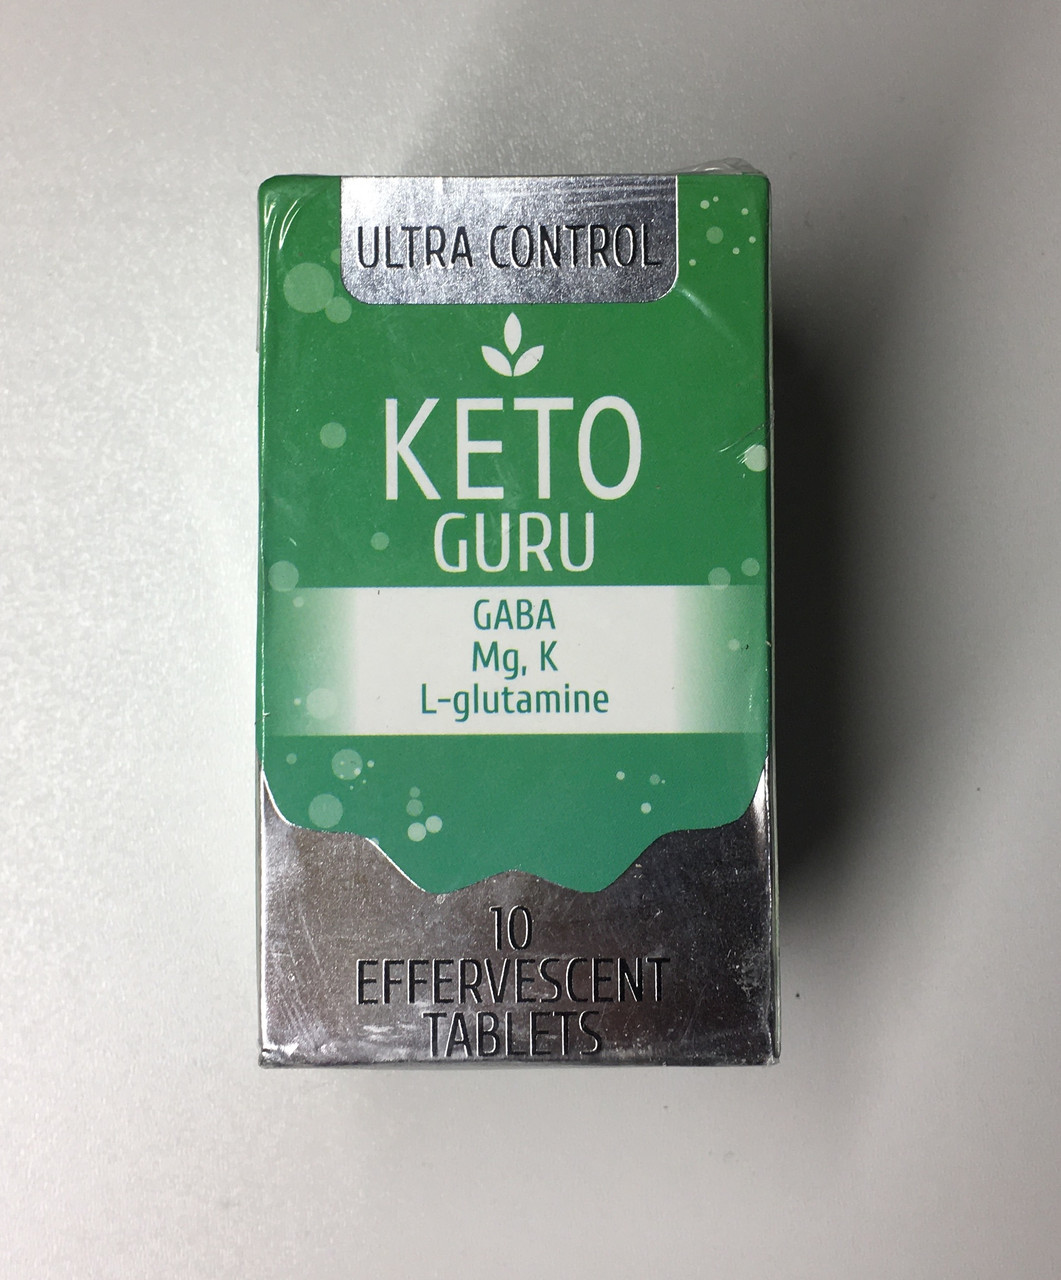 Keto Guru - Шипучие таблетки для похудения и снижения веса (Кето Гуро), без чувства голода